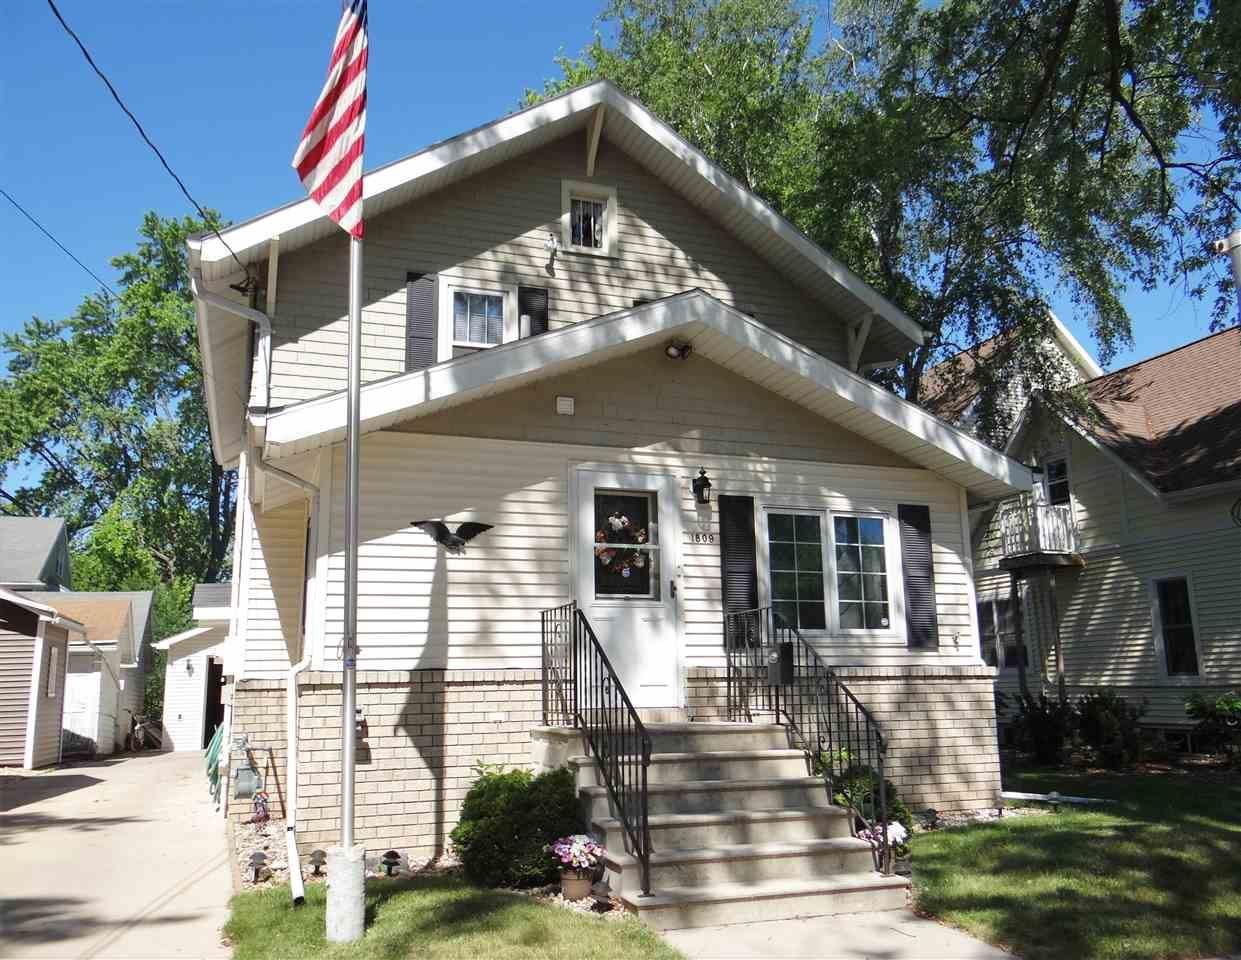 Photo of 1809 N ONEIDA Street, APPLETON, WI 54911 (MLS # 50242172)